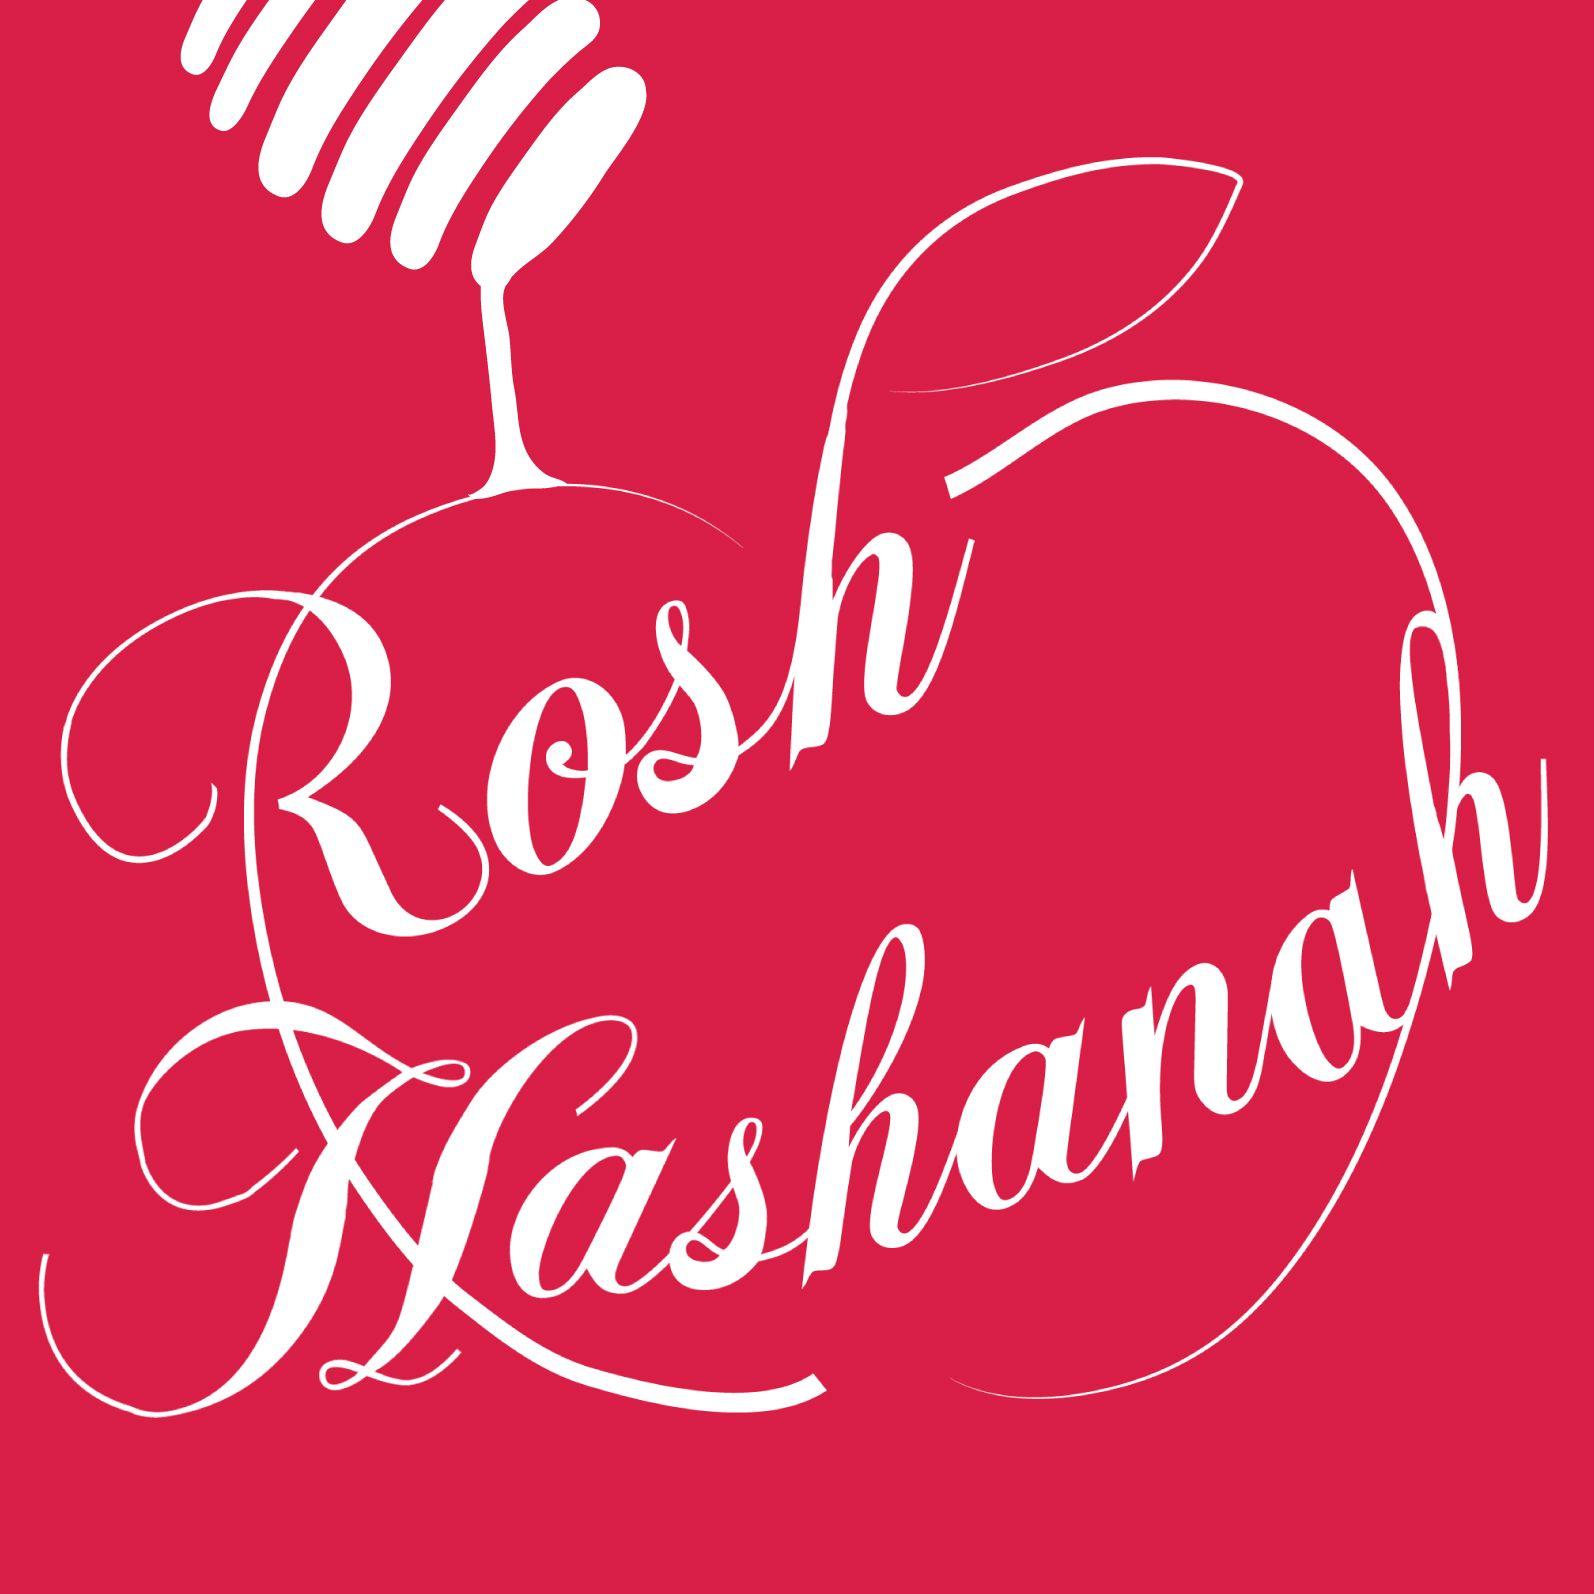 Image Result For Rosh Hashanah Cards 2017 Honey Apple Basket